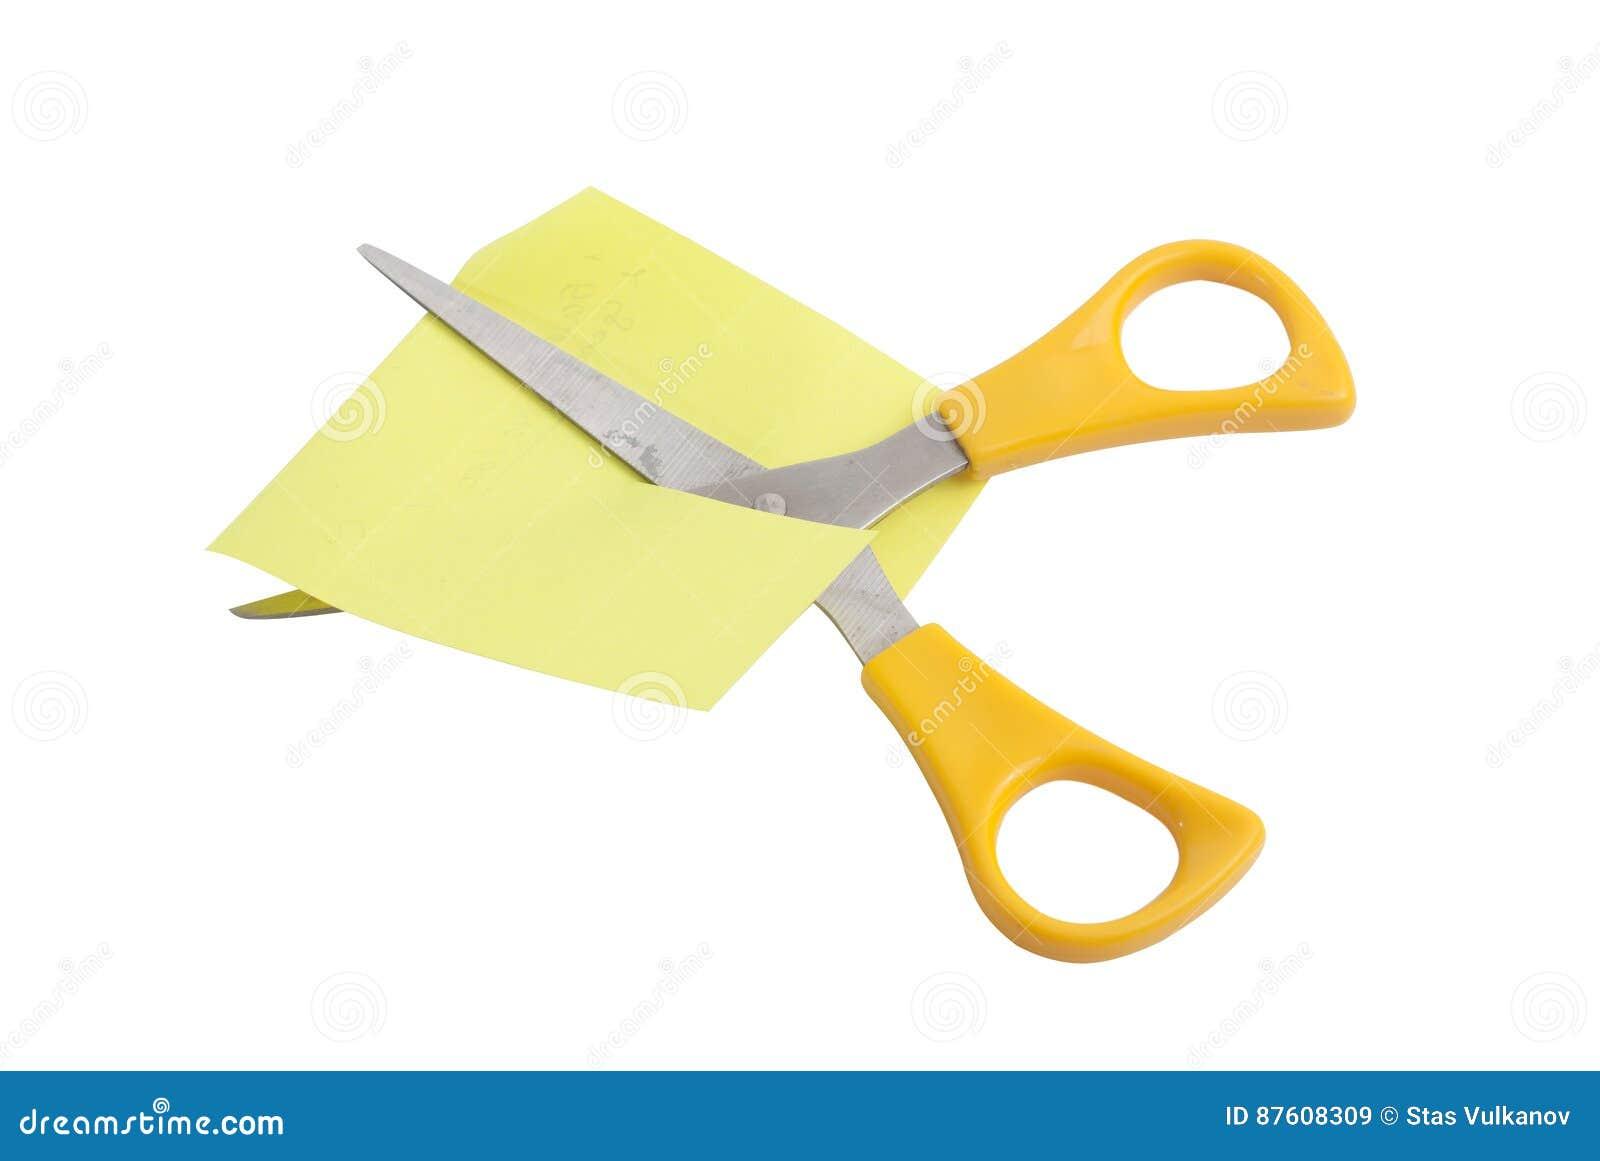 Nożyce z żółtymi rękojeściami,